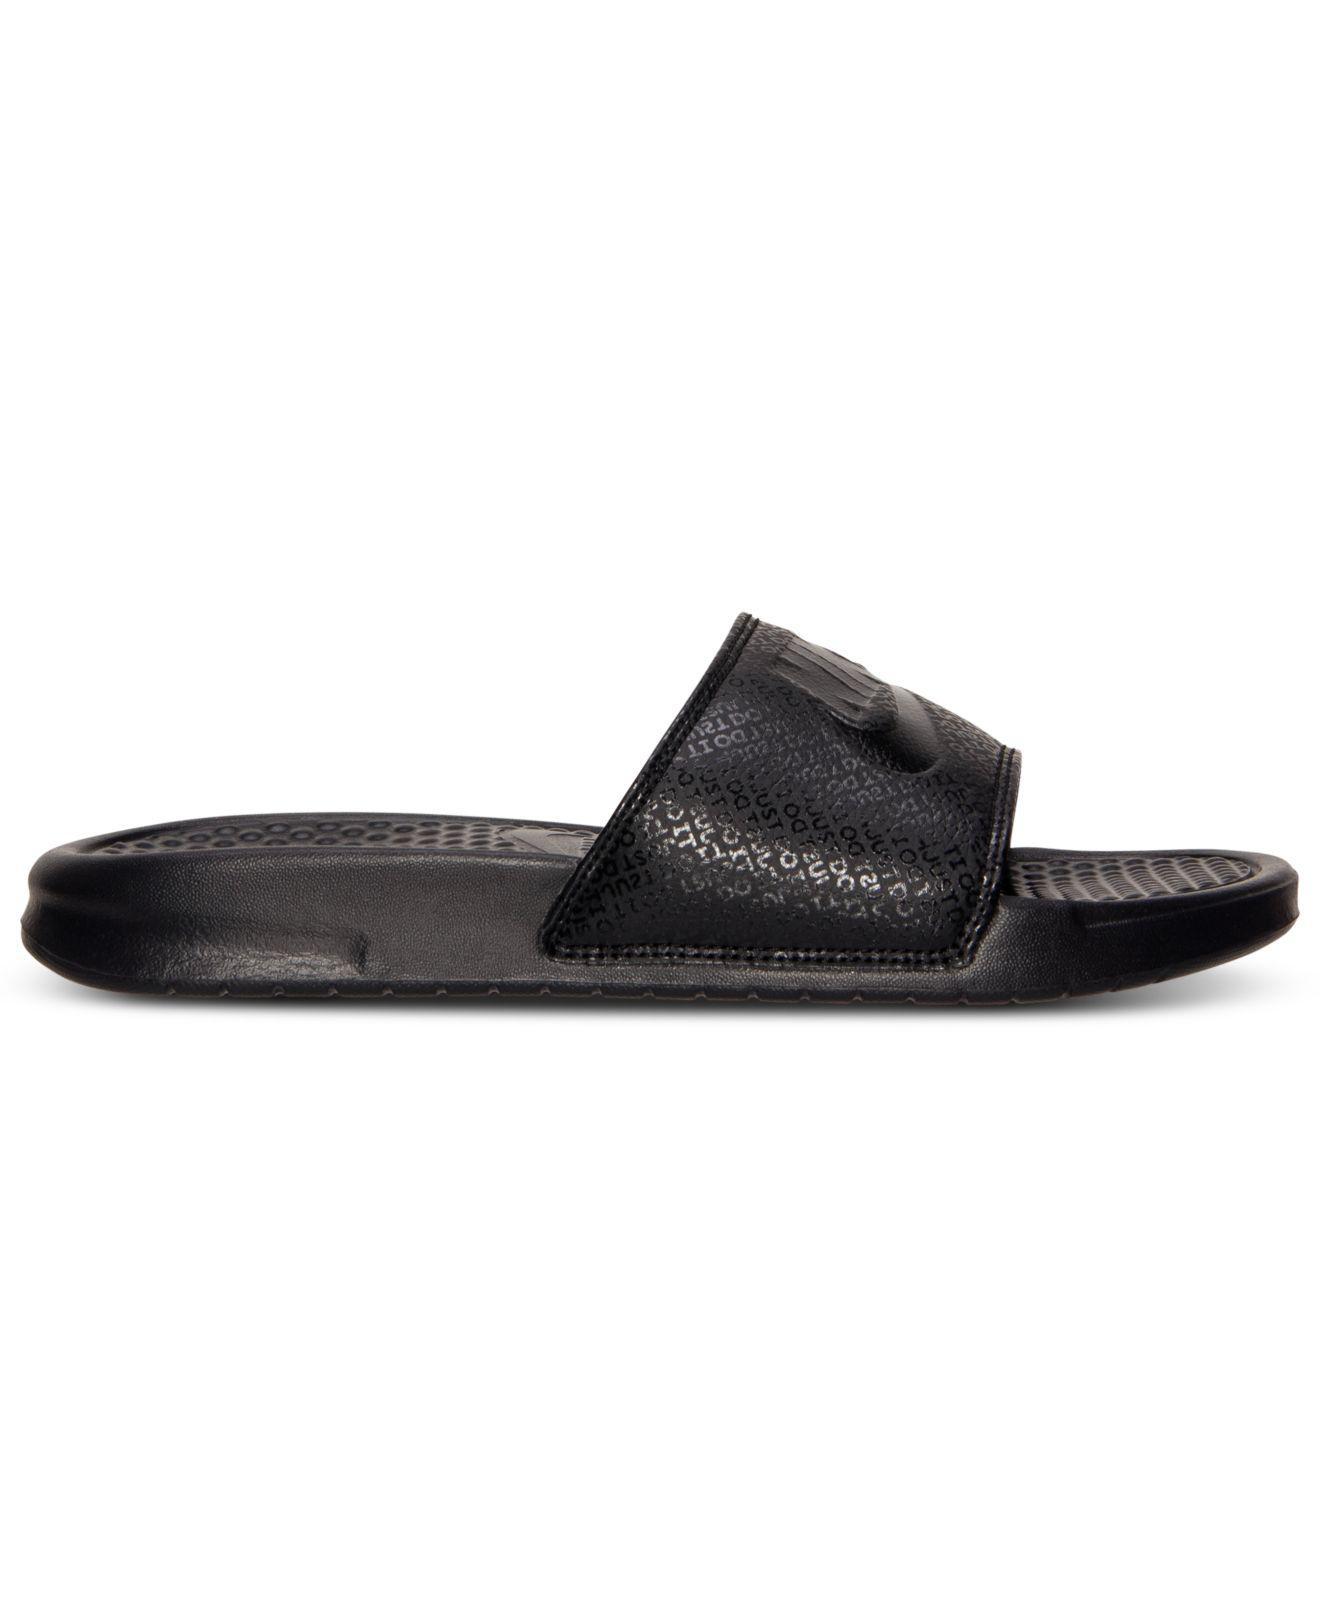 26d917fd01d5 Lyst - Nike Men s Benassi Jdi Slide Sandals From Finish Line in Black for  Men